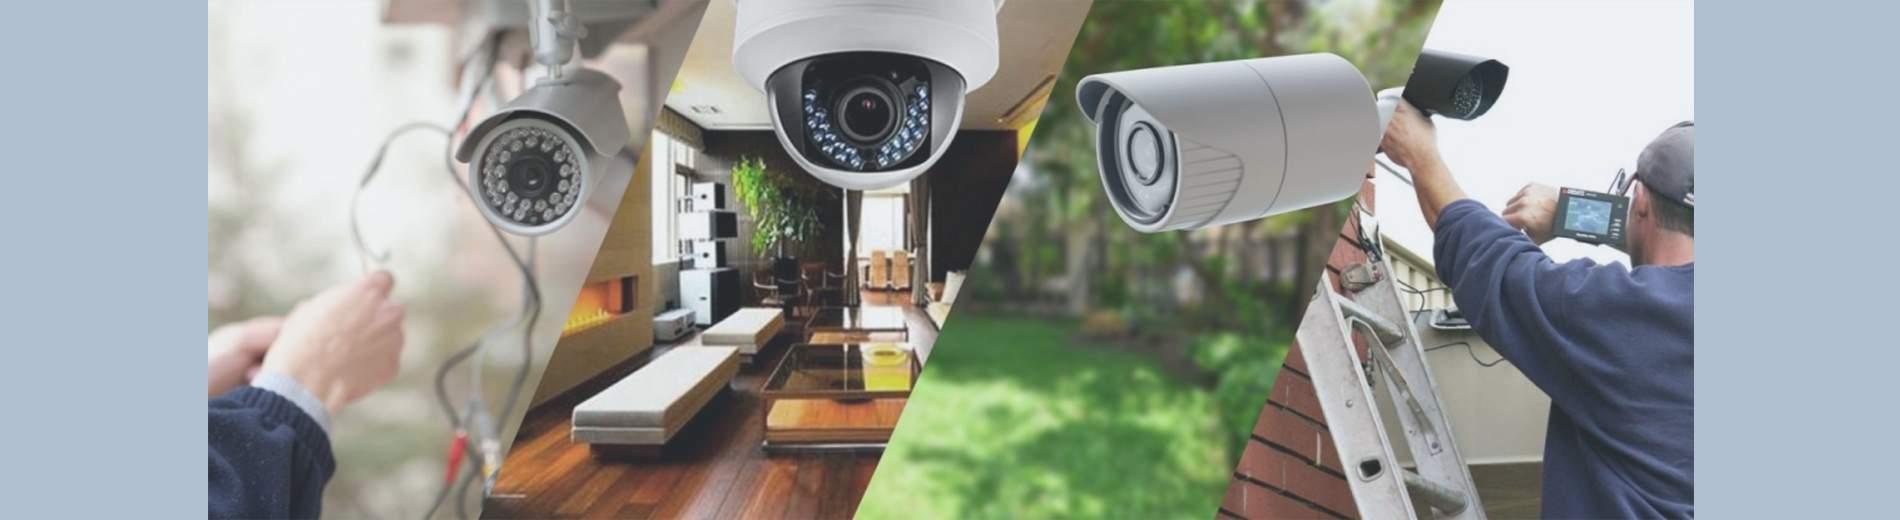 Аренда - обслуживание видеонаблюдения - монтаж бесплатно